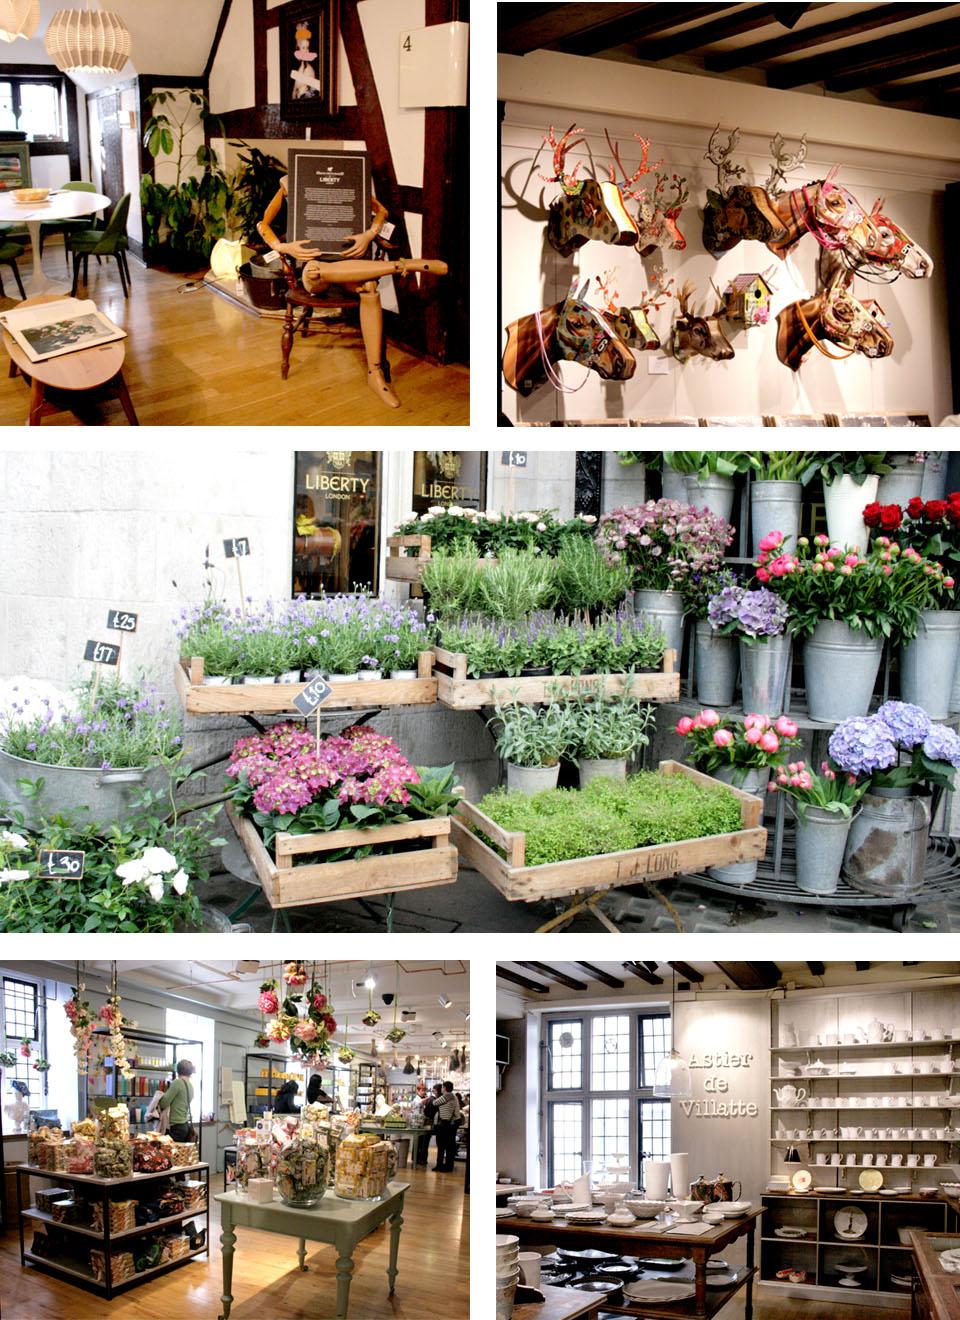 Tiendas de decoración de Londres Liberty Londres